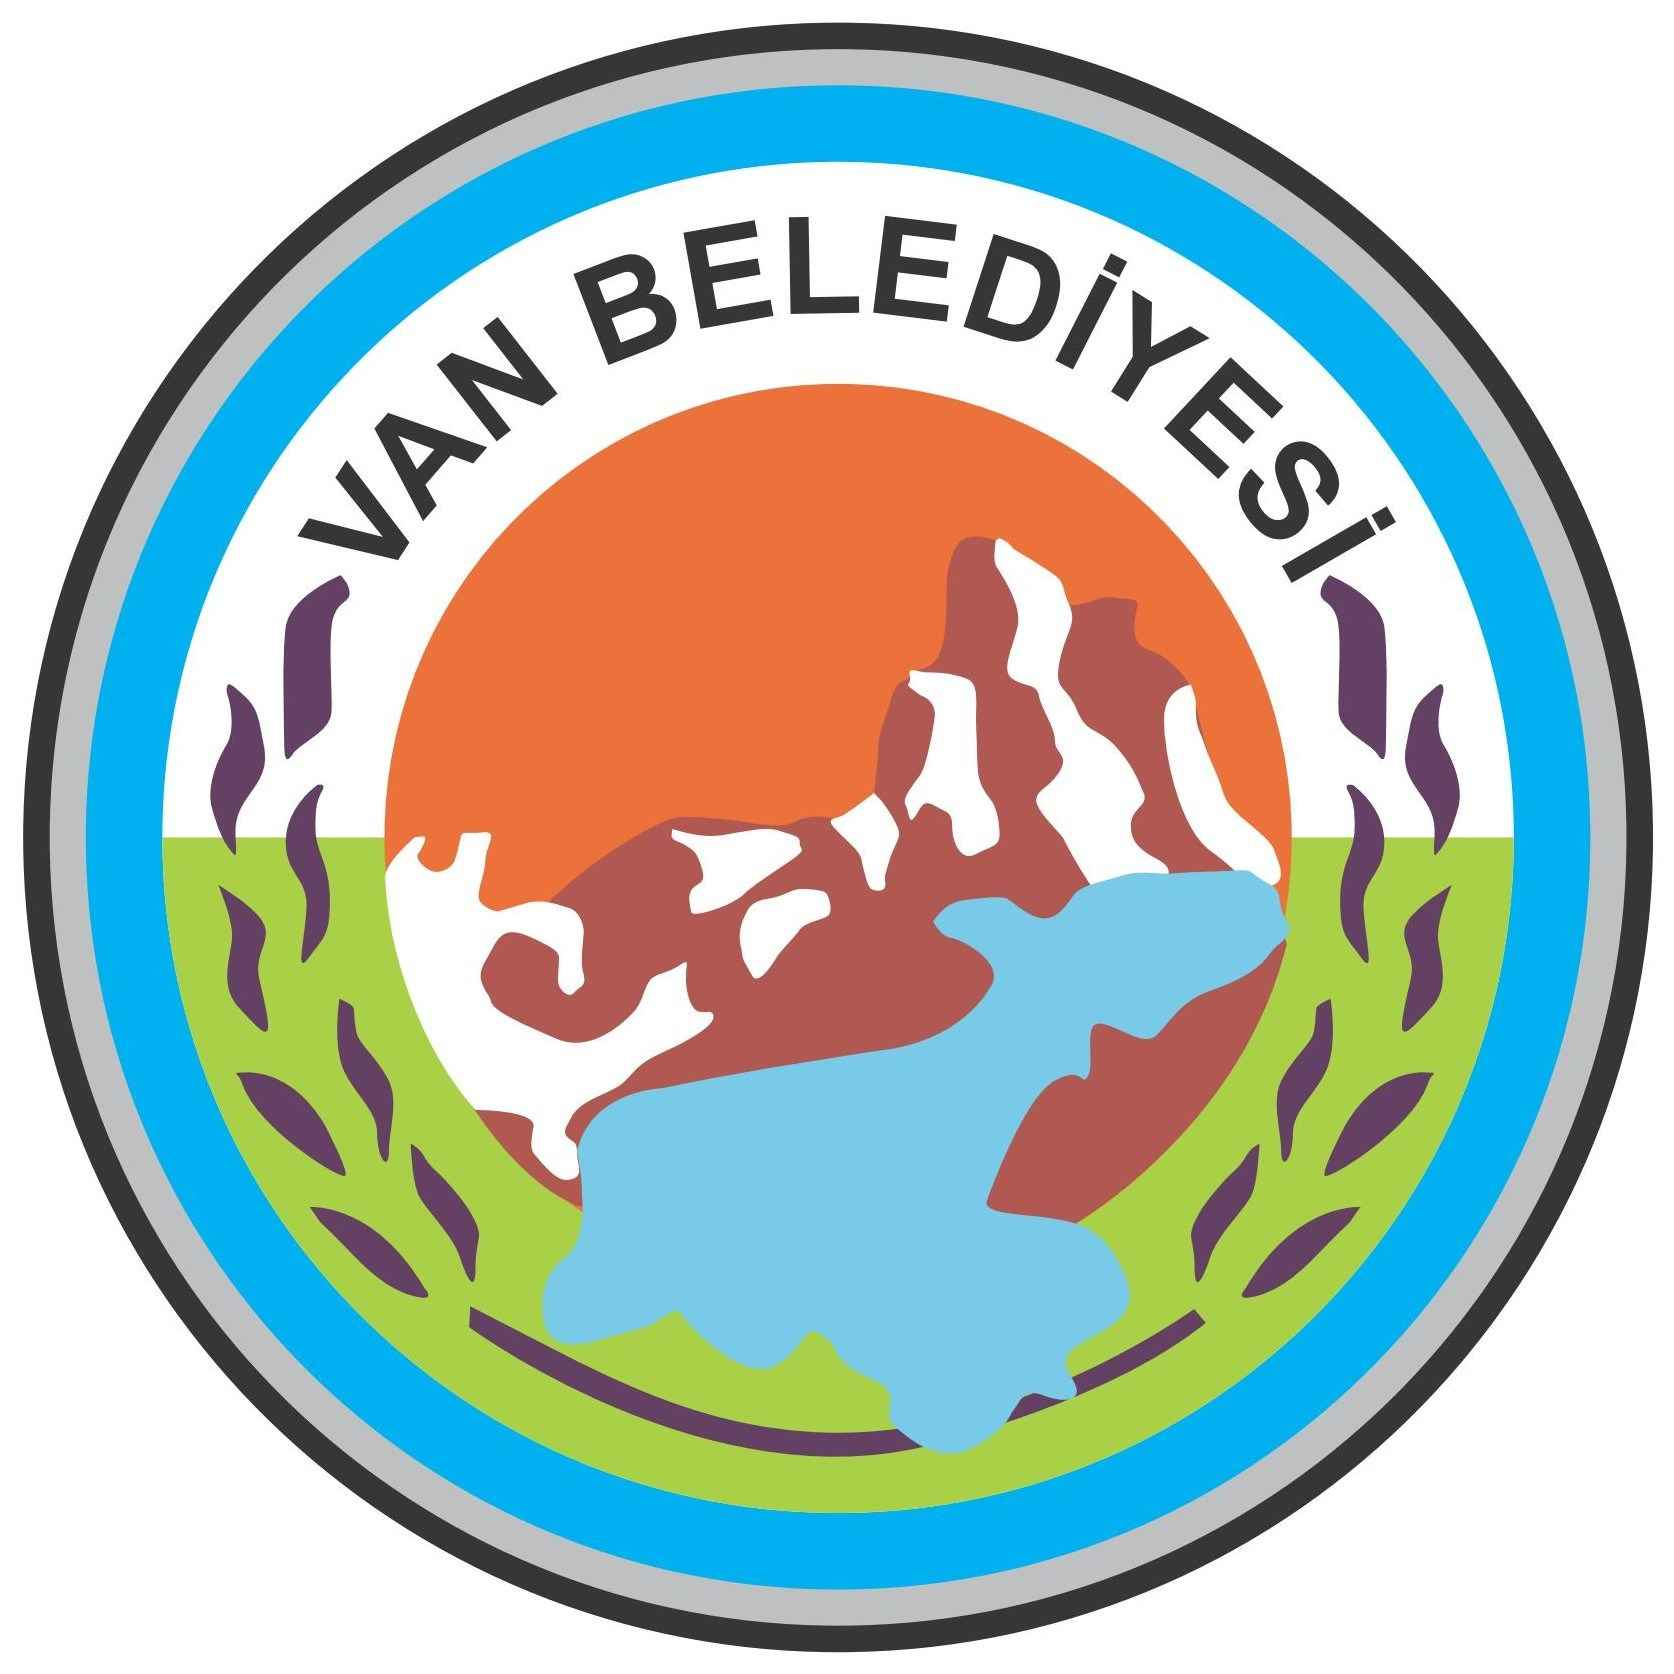 Van Büyükşehir Belediyesi Logo [EPS File] png